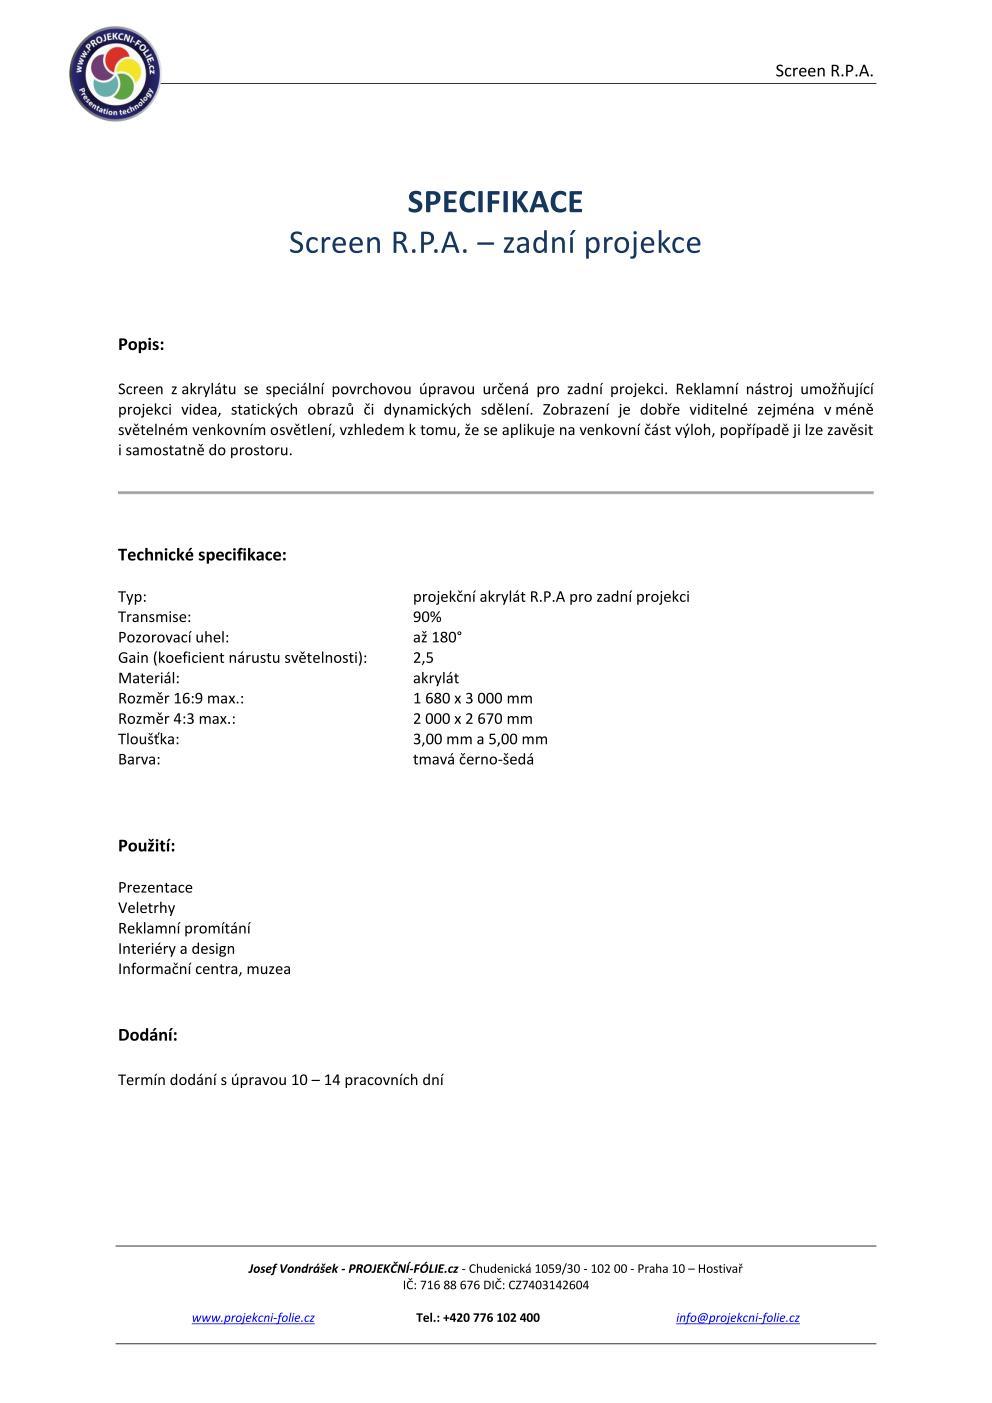 Projekce R.P.A.